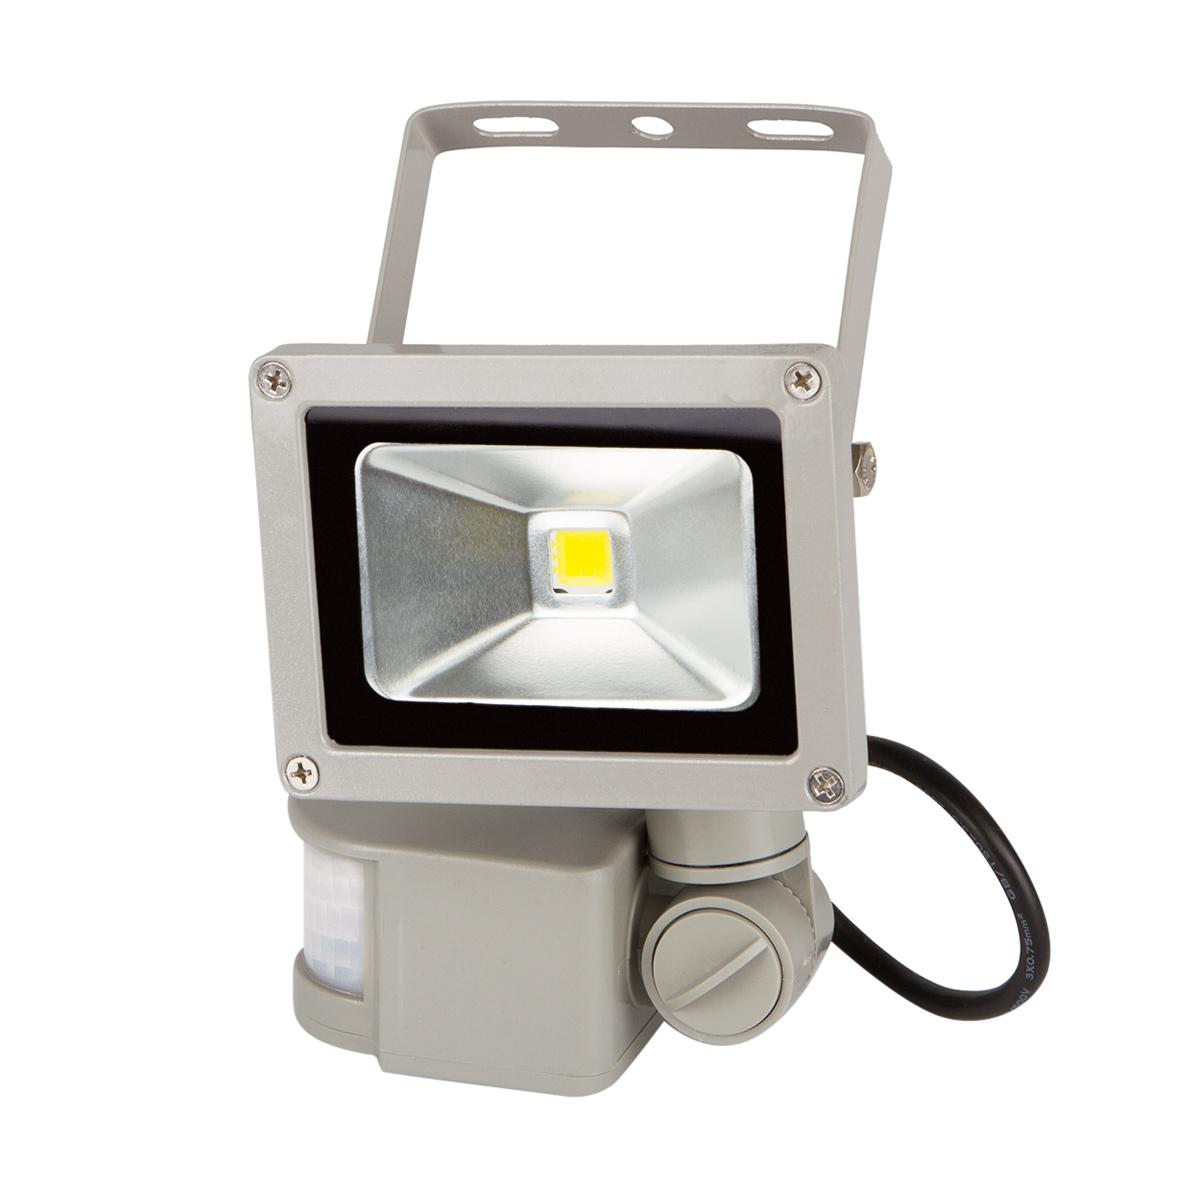 Установка и подключение светодиодного прожектора своими руками